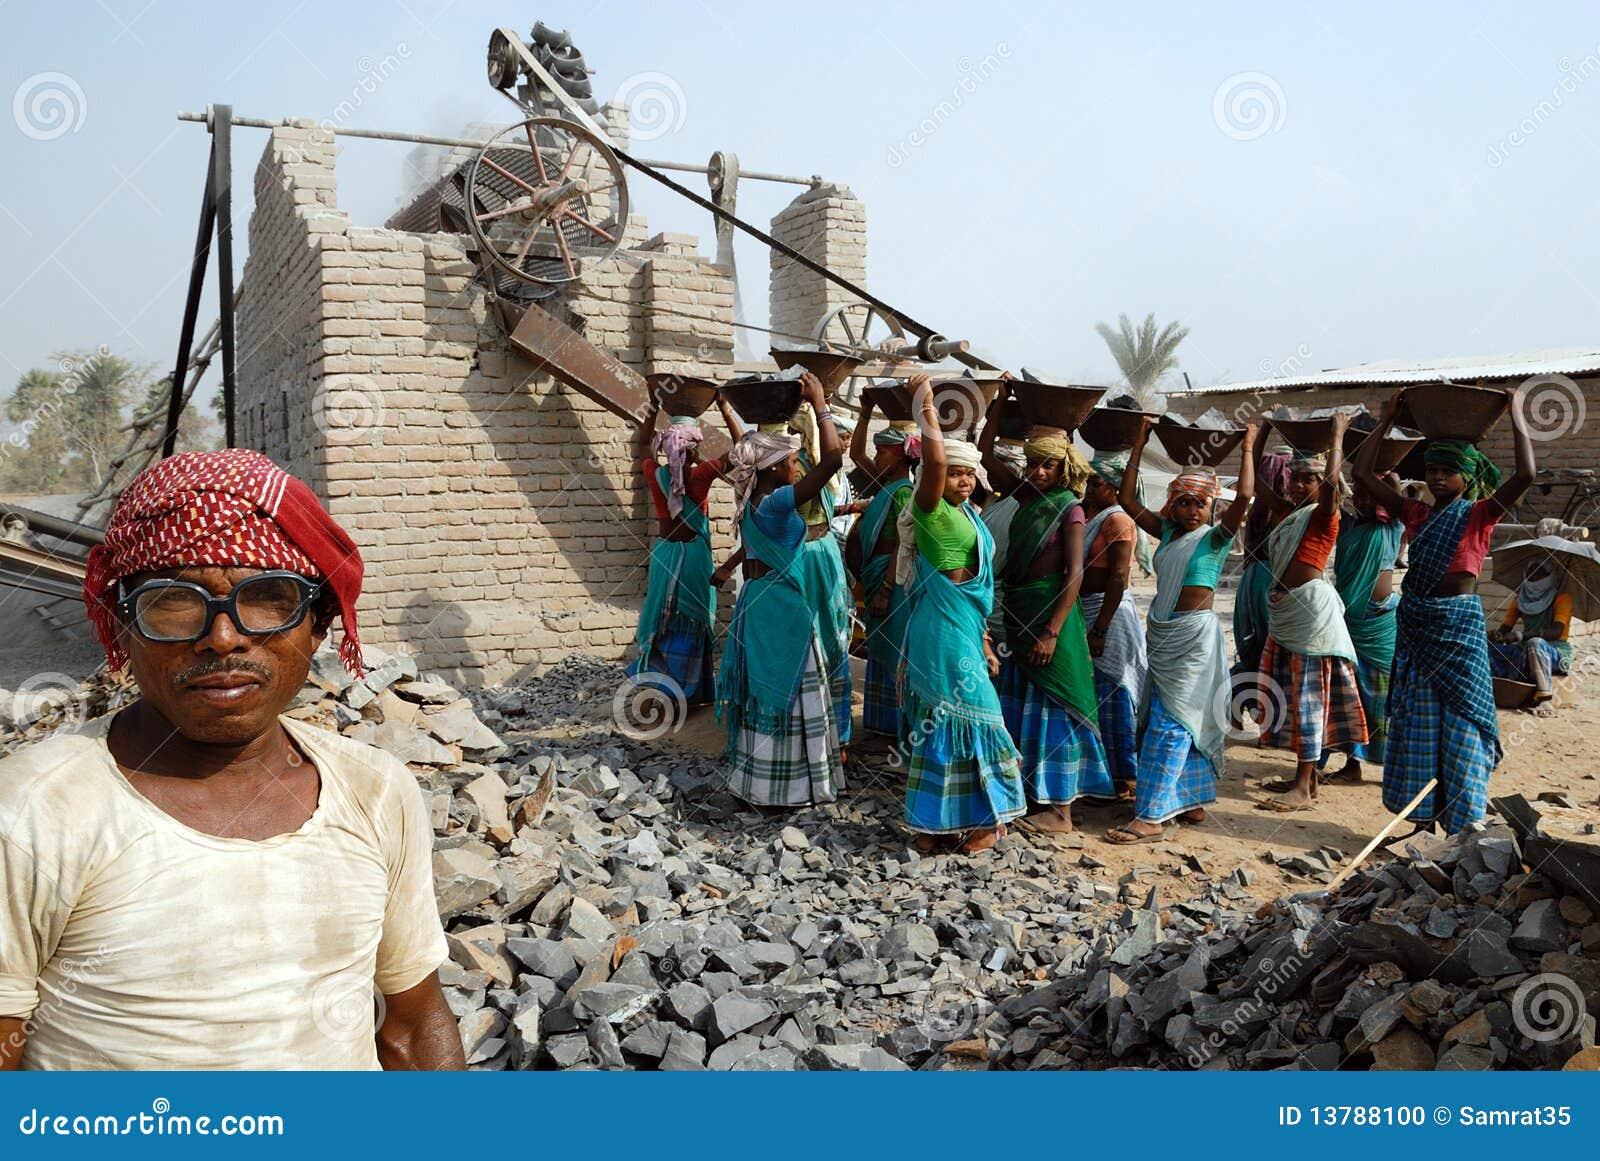 Mina do triturador em India